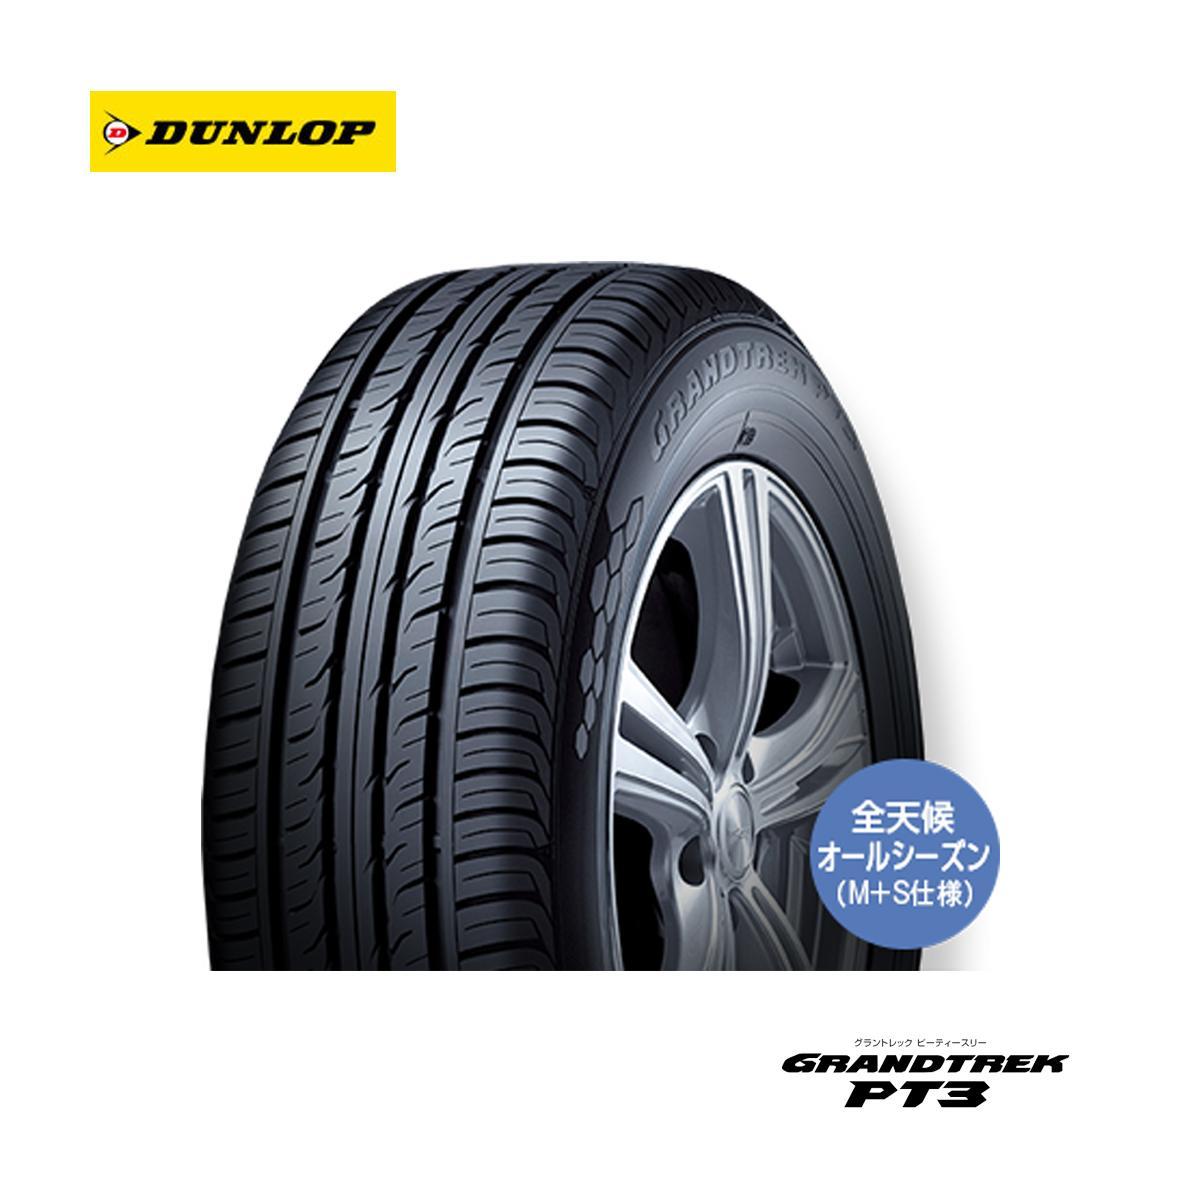 DUNLOP ダンロップ 4WD SUV 4X4 専用 タイヤ 1本 18インチ 235/65R18 GRANDTREK PT3 グラントレック